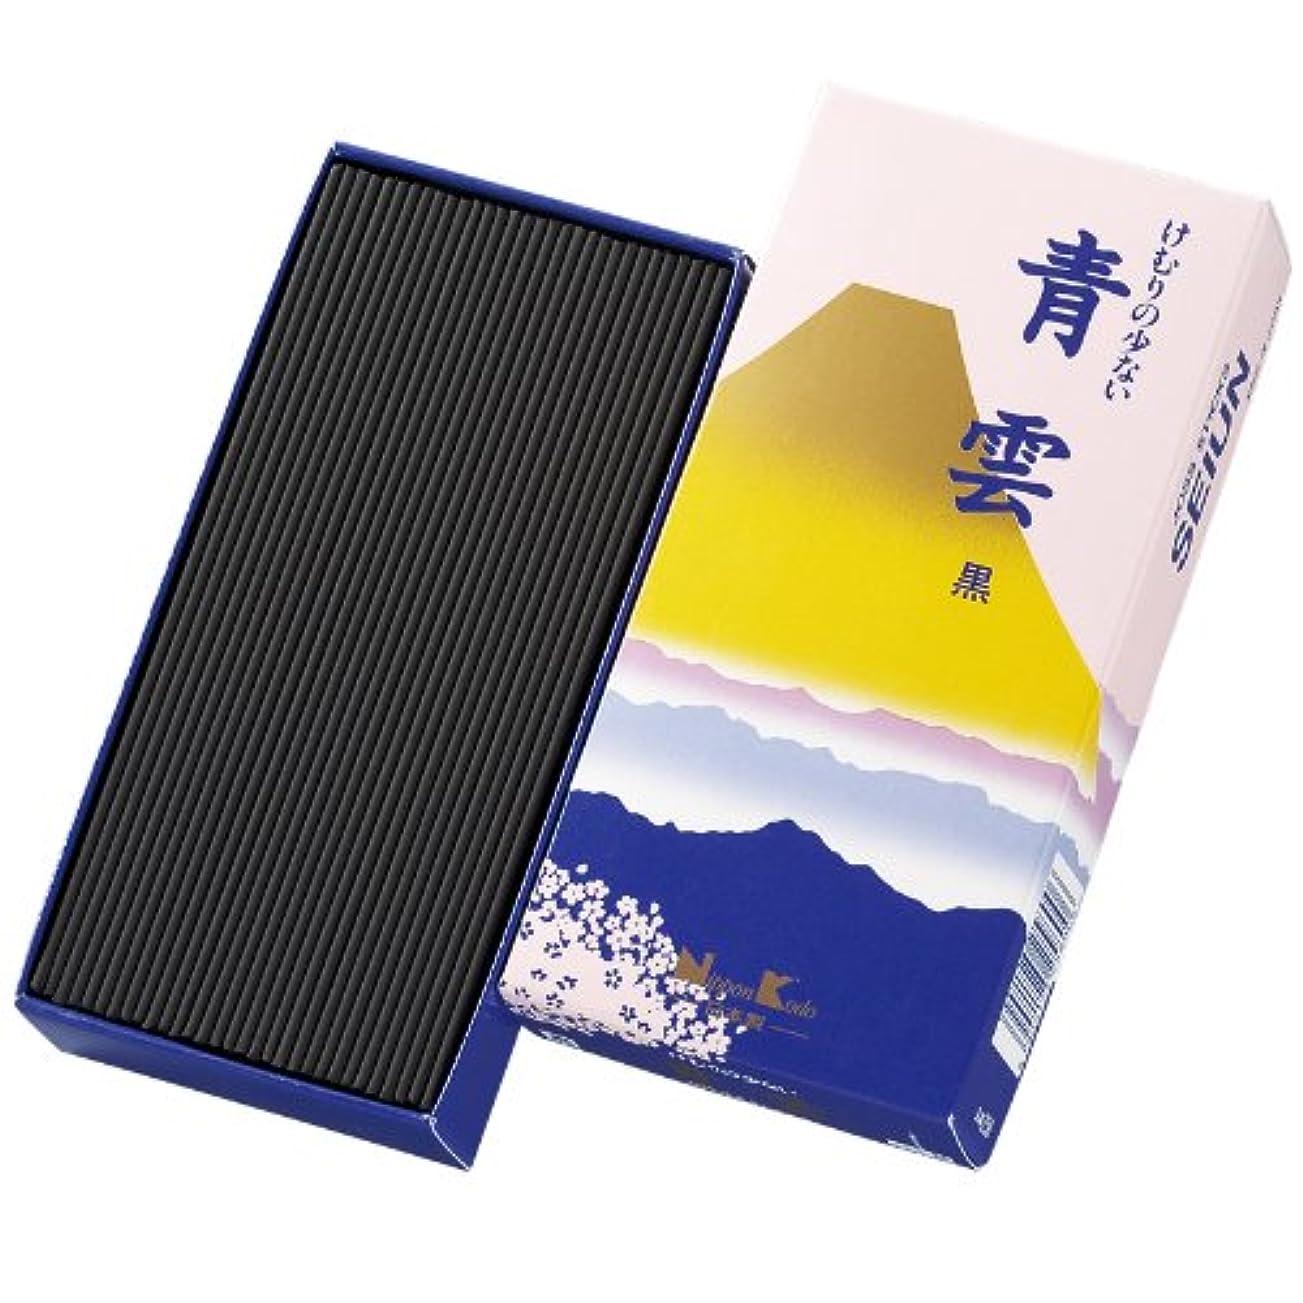 争いピット伝説青雲 黒 バラ詰 (約110g)